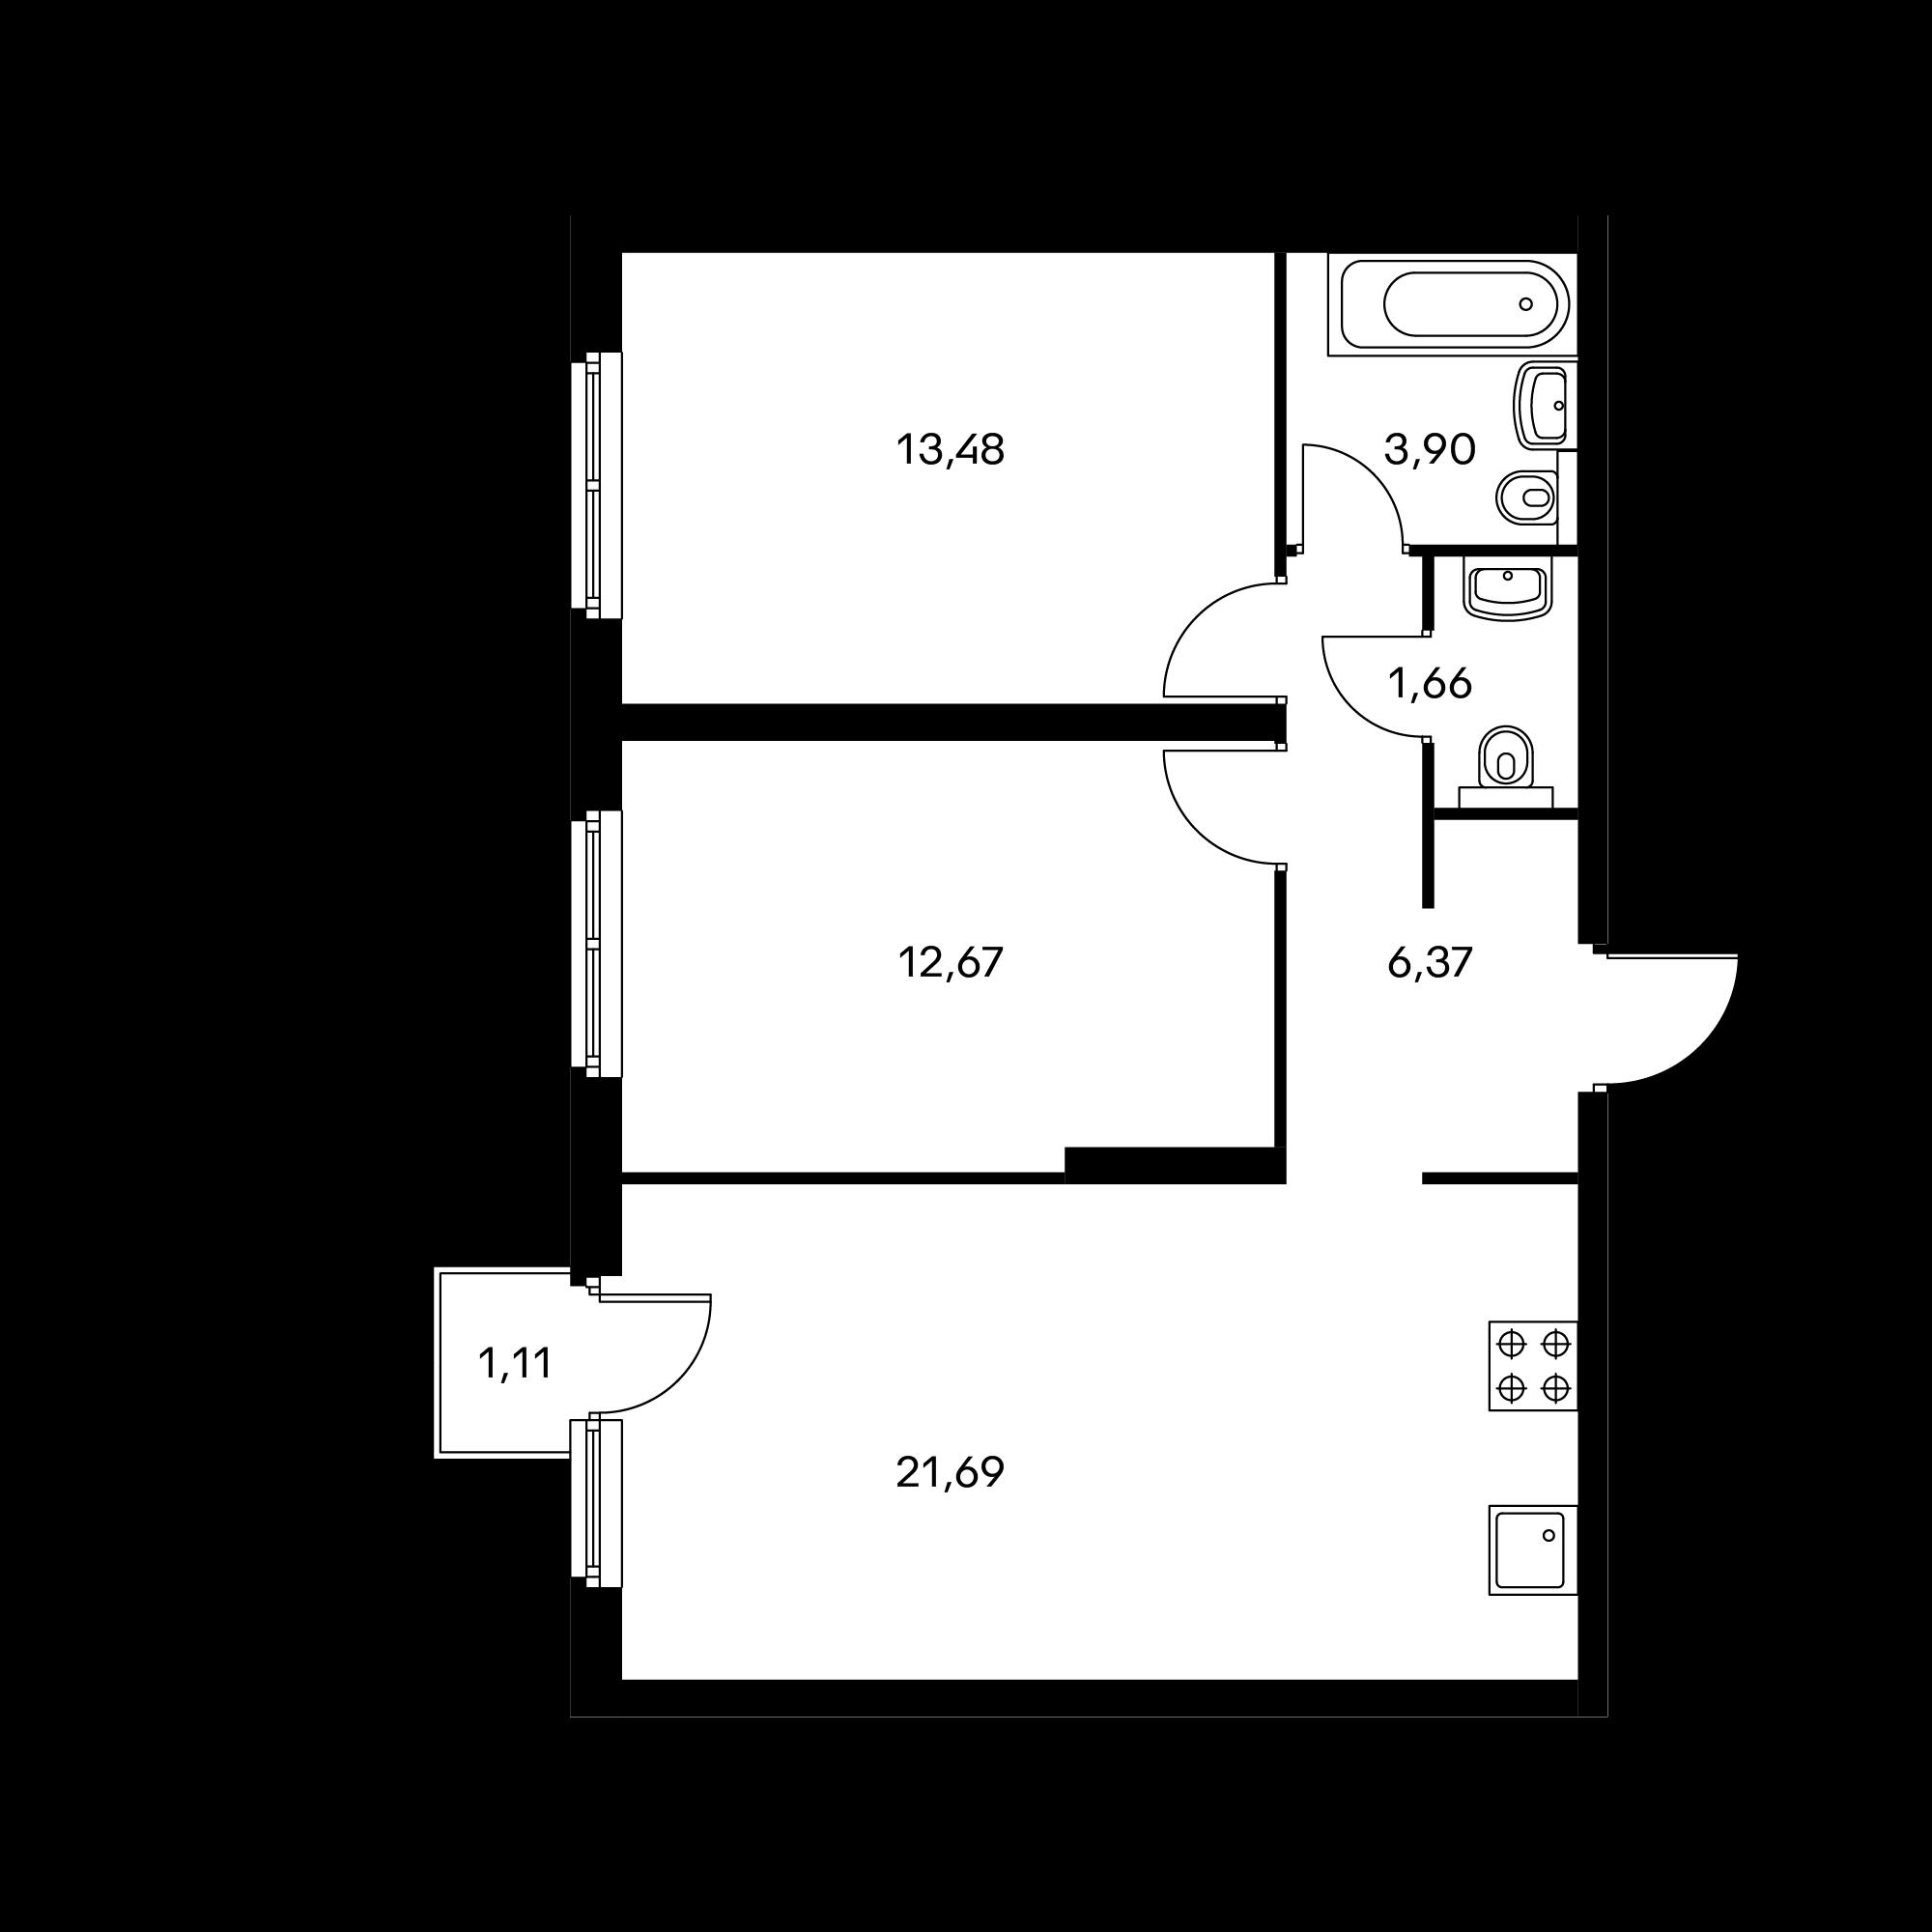 2EM1R_1B1